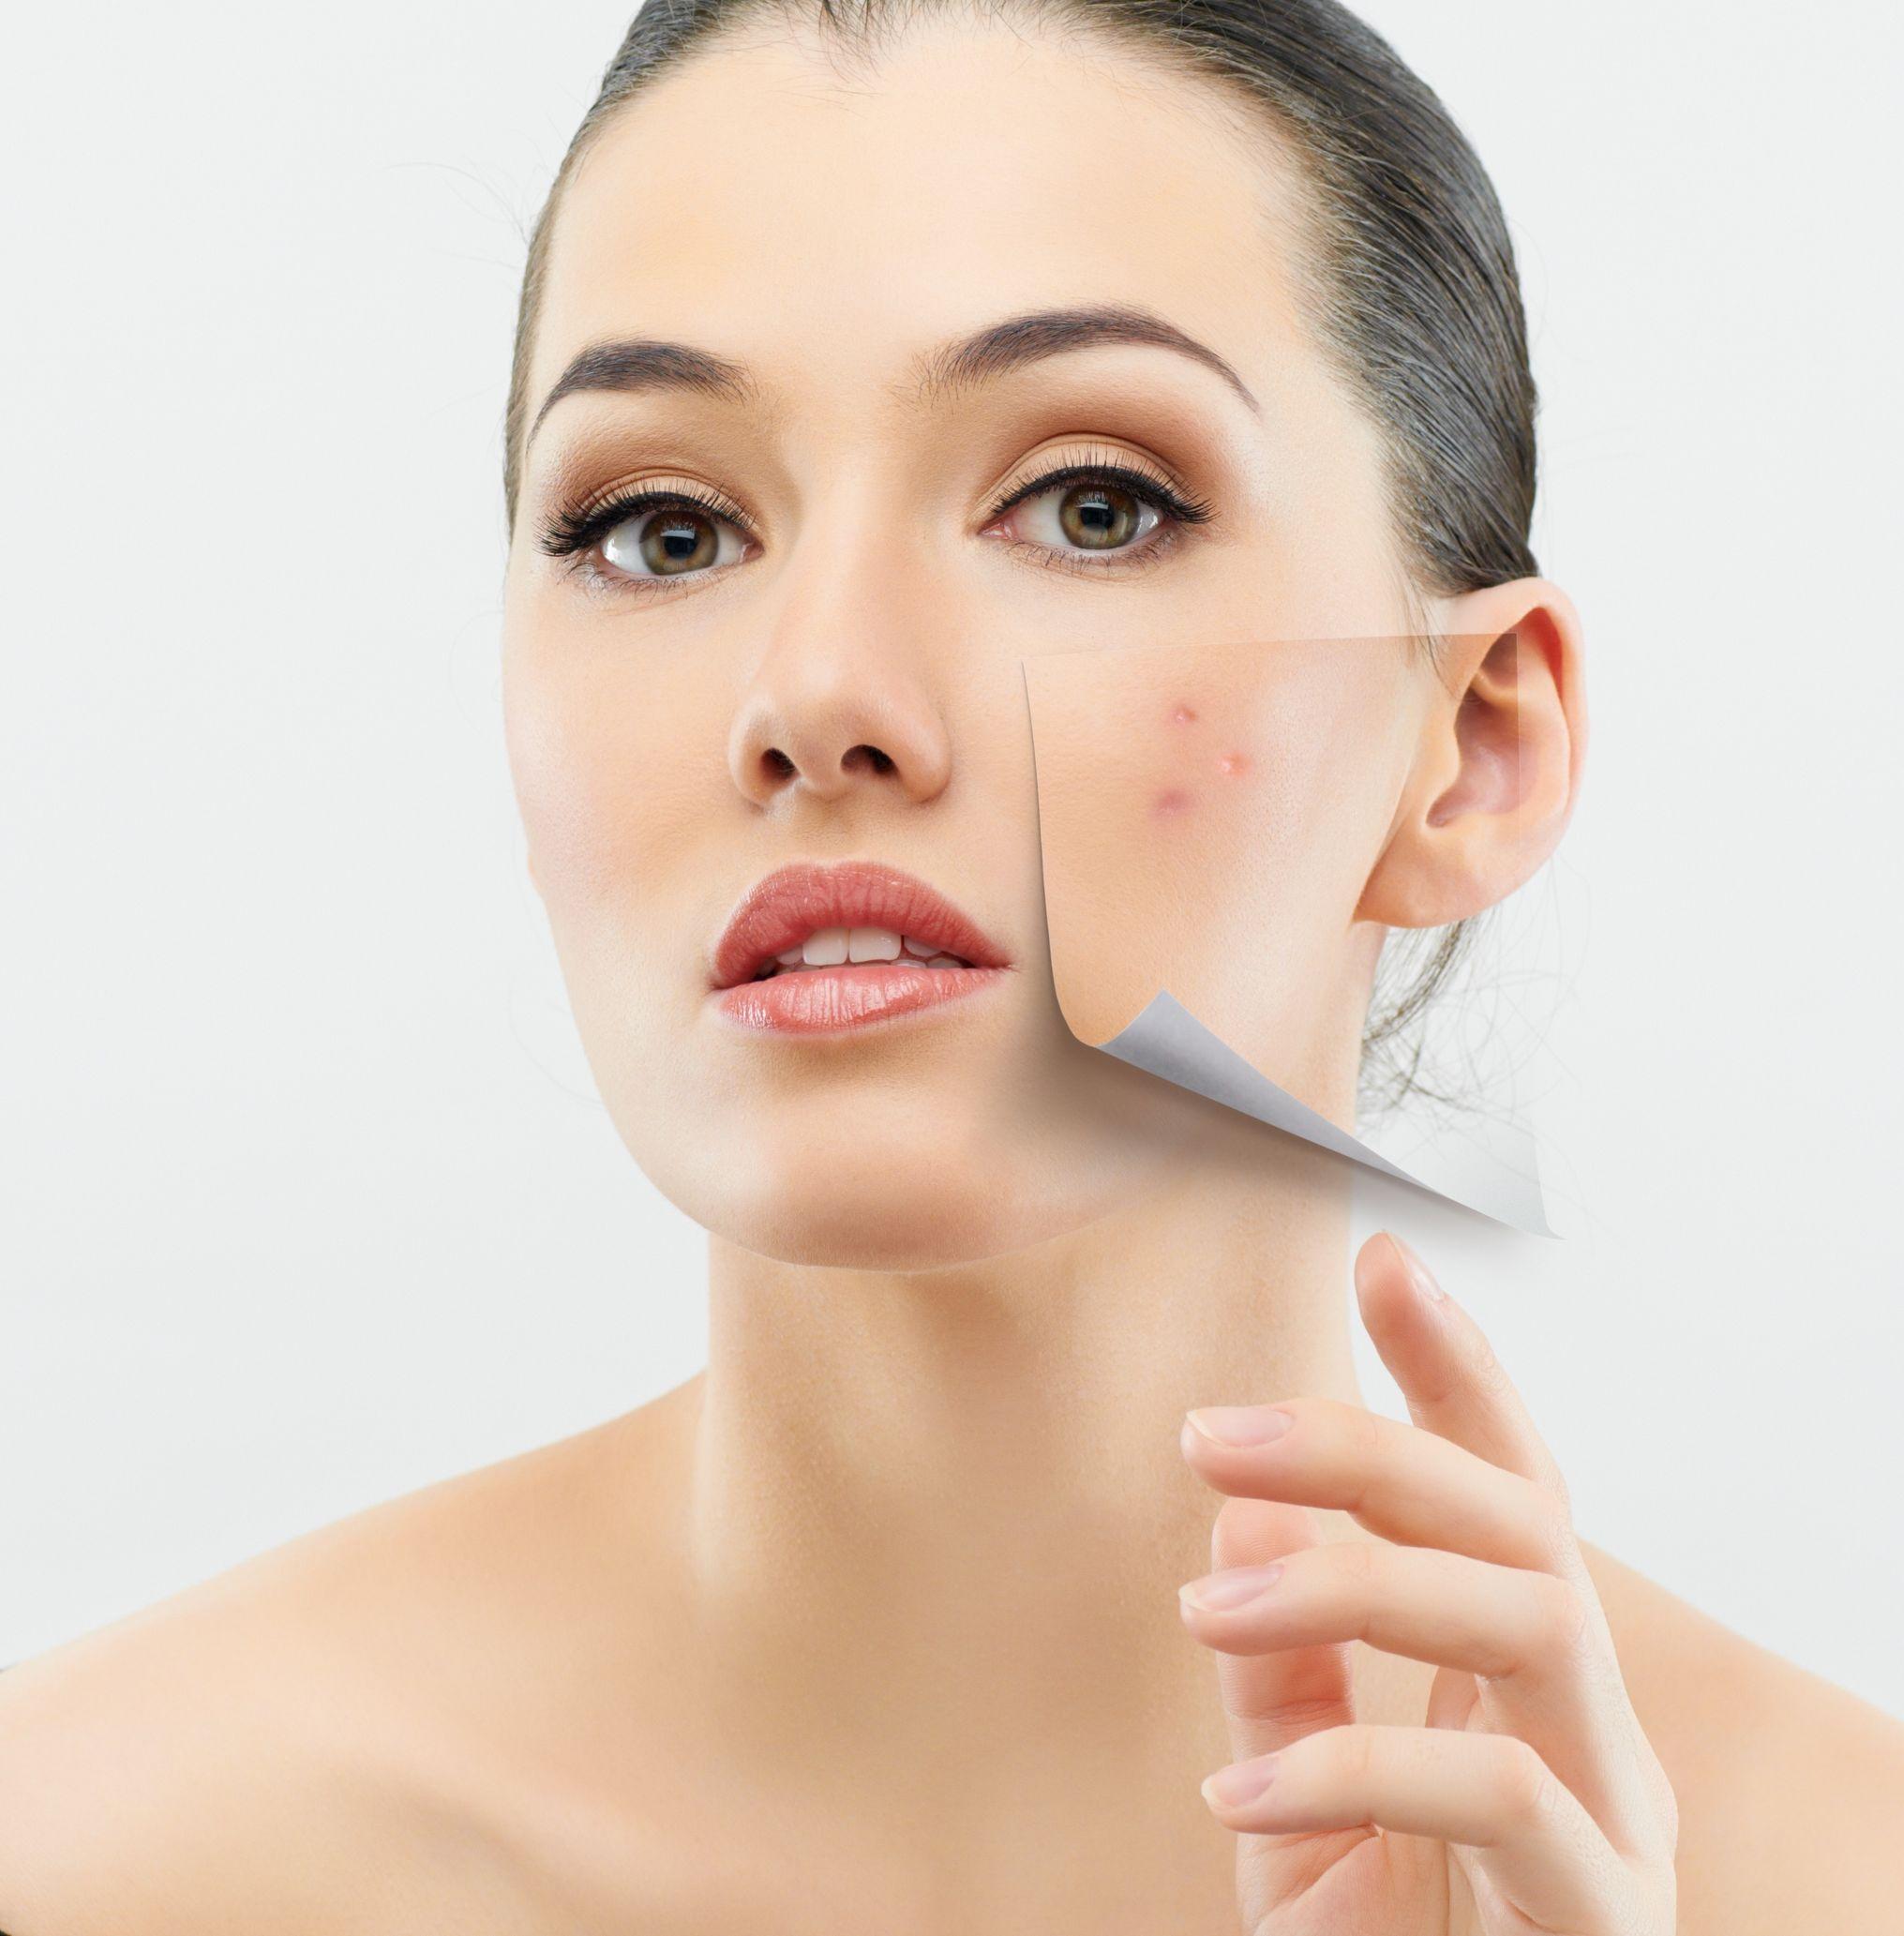 Wrinkle Creams & Ageing Skin